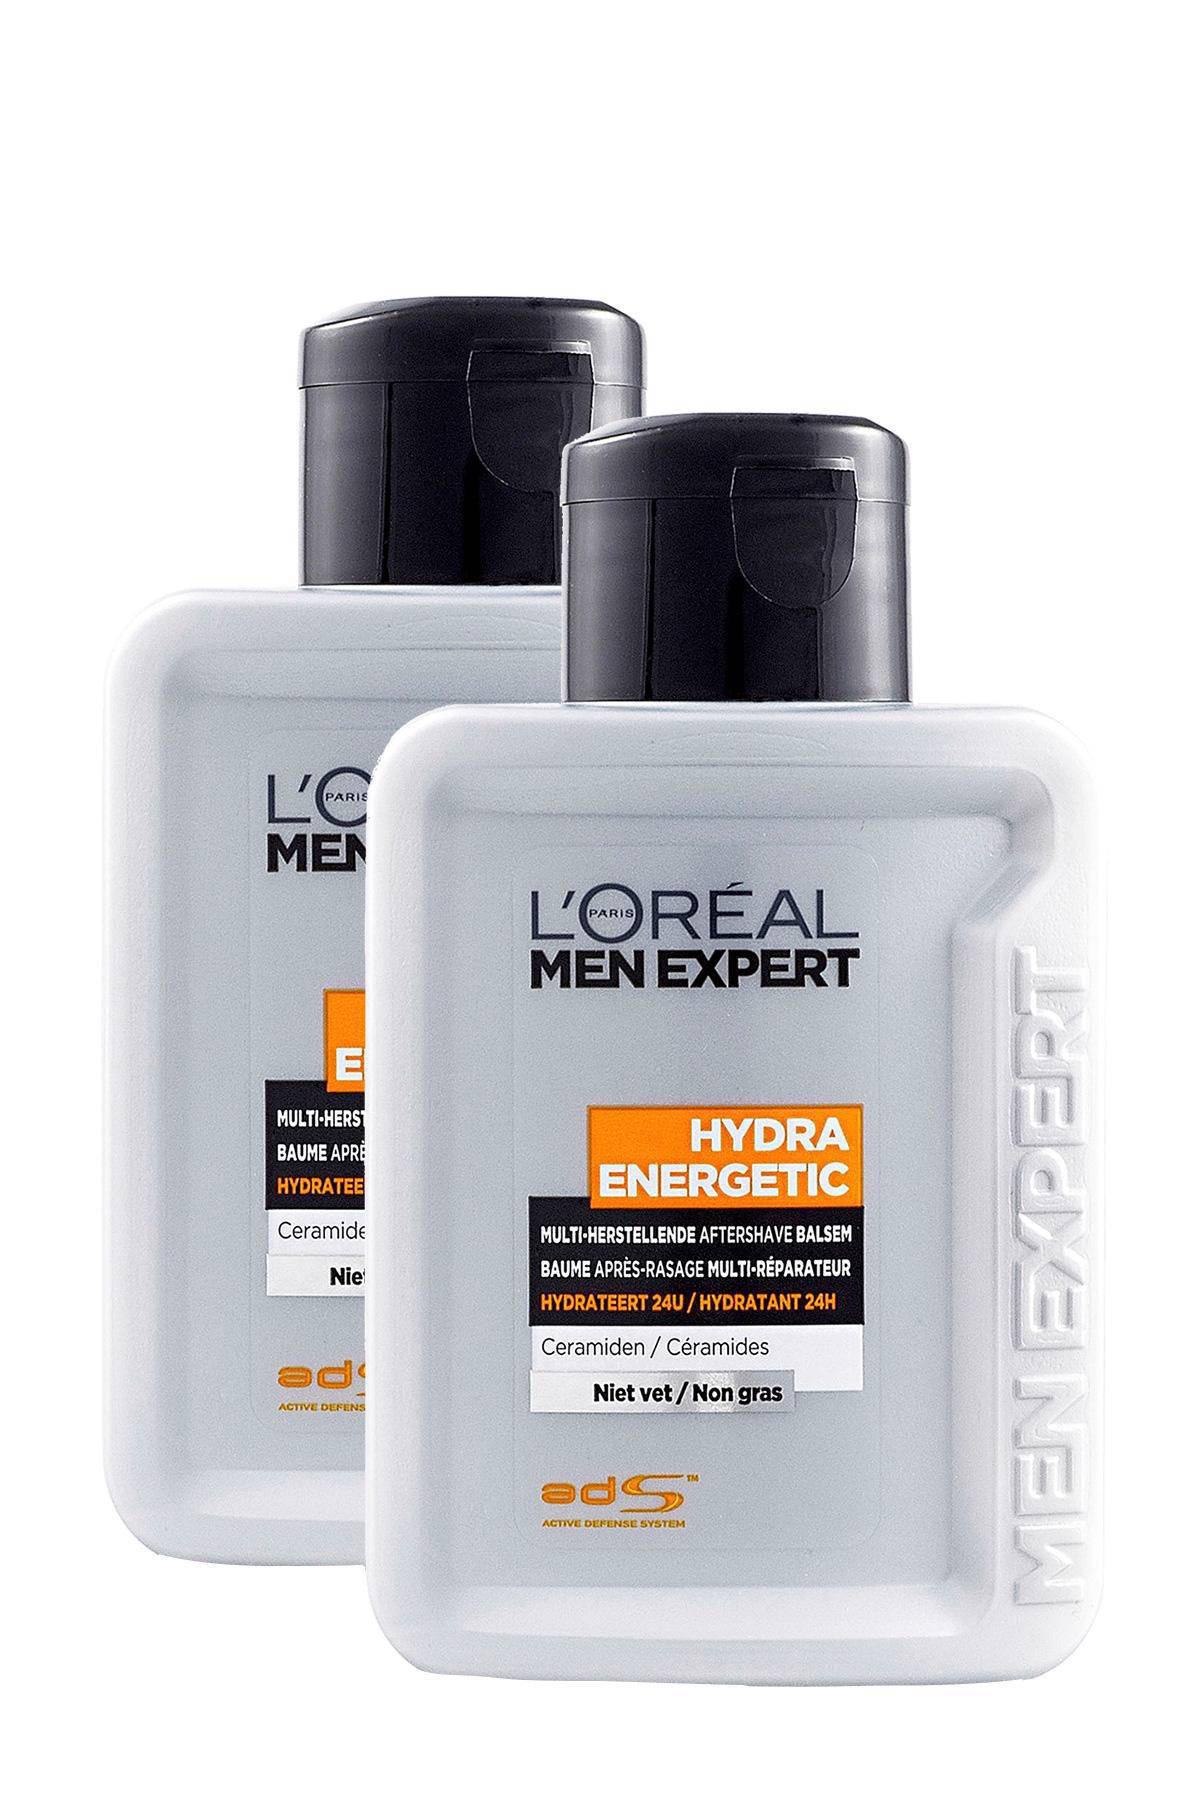 L'Oréal Paris Men Expert 24-uurs Hydraterende balsem - 2 x 100 ml